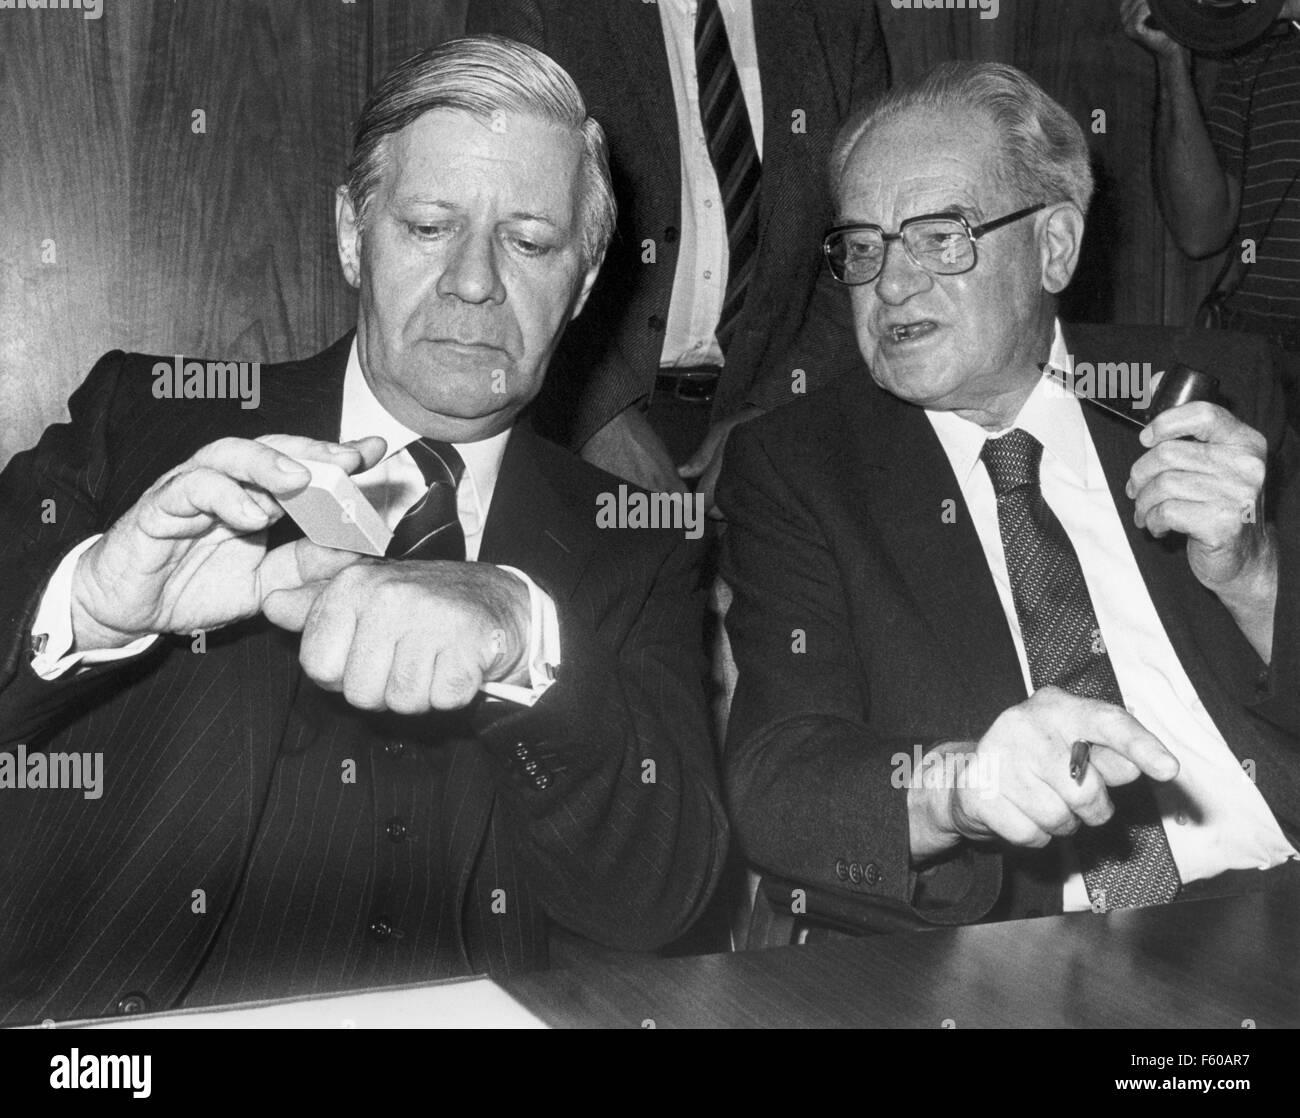 El Canciller Helmut Schmidt (L) en una conversación con el jefe de facción Herbert Wehner (R) durante la reunión del partido SPD. El SPD/FDP coalición terminó con la renuncia de los cuatro ministros FDP el 17 de septiembre de 1982. Foto de stock